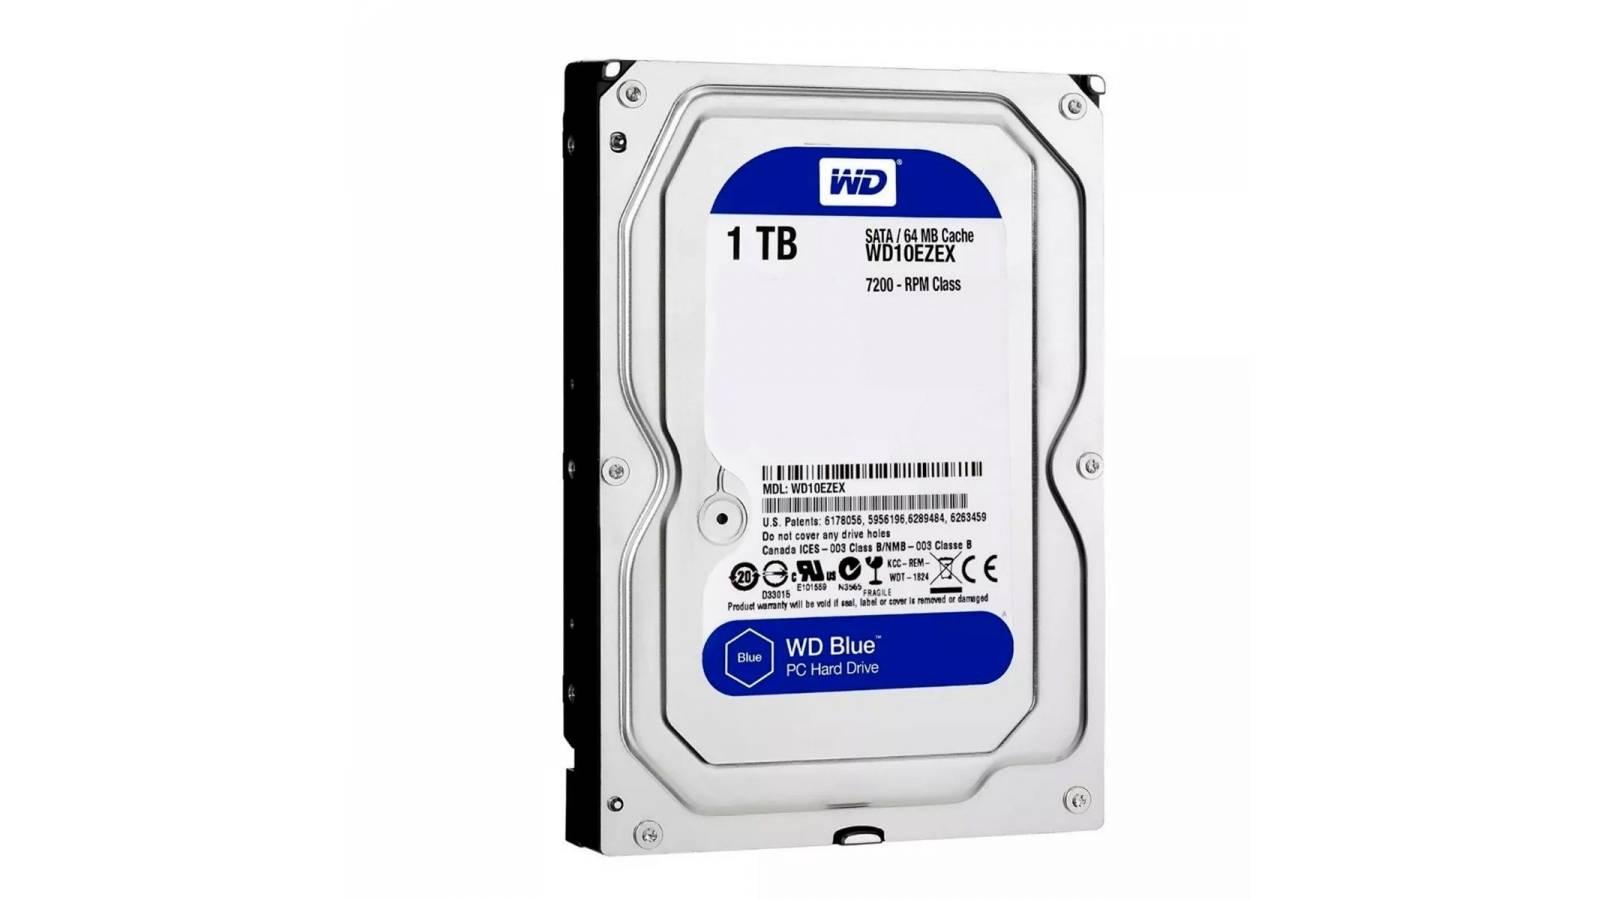 DISCO DURO 1000 GB SATA 3 - Nuevo